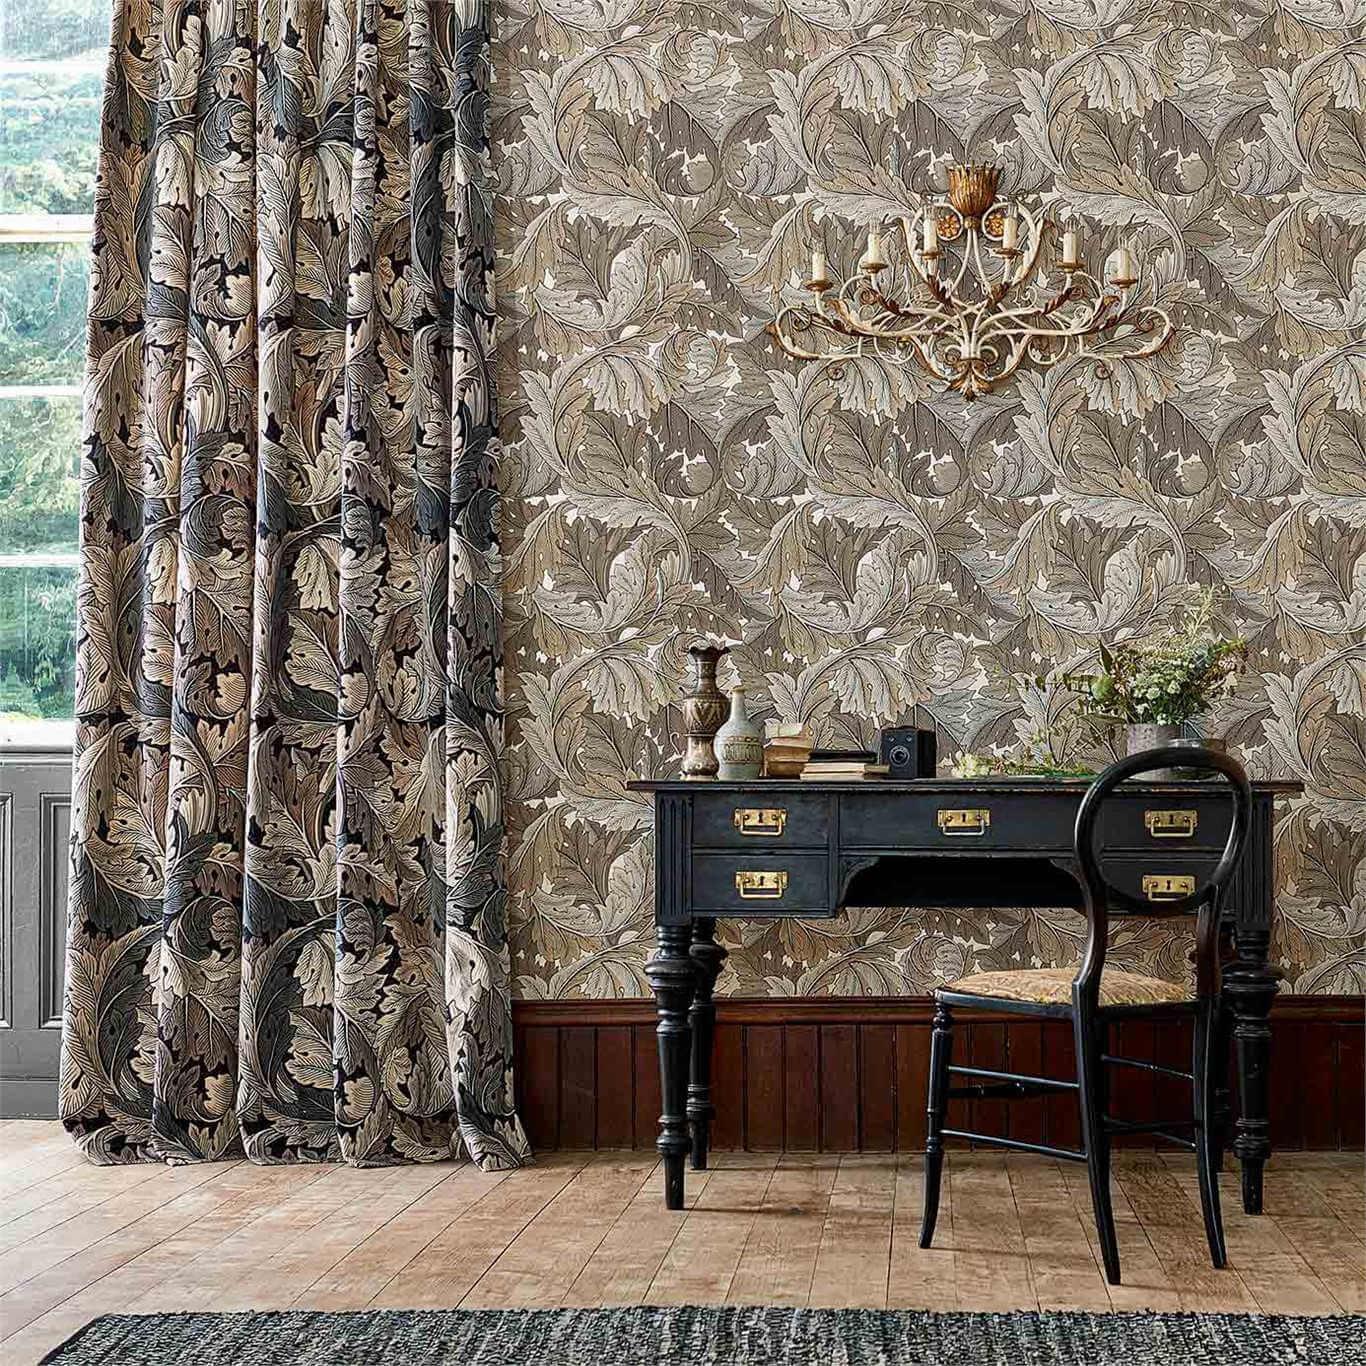 Pared decorada con motivos diseñados por William Morris